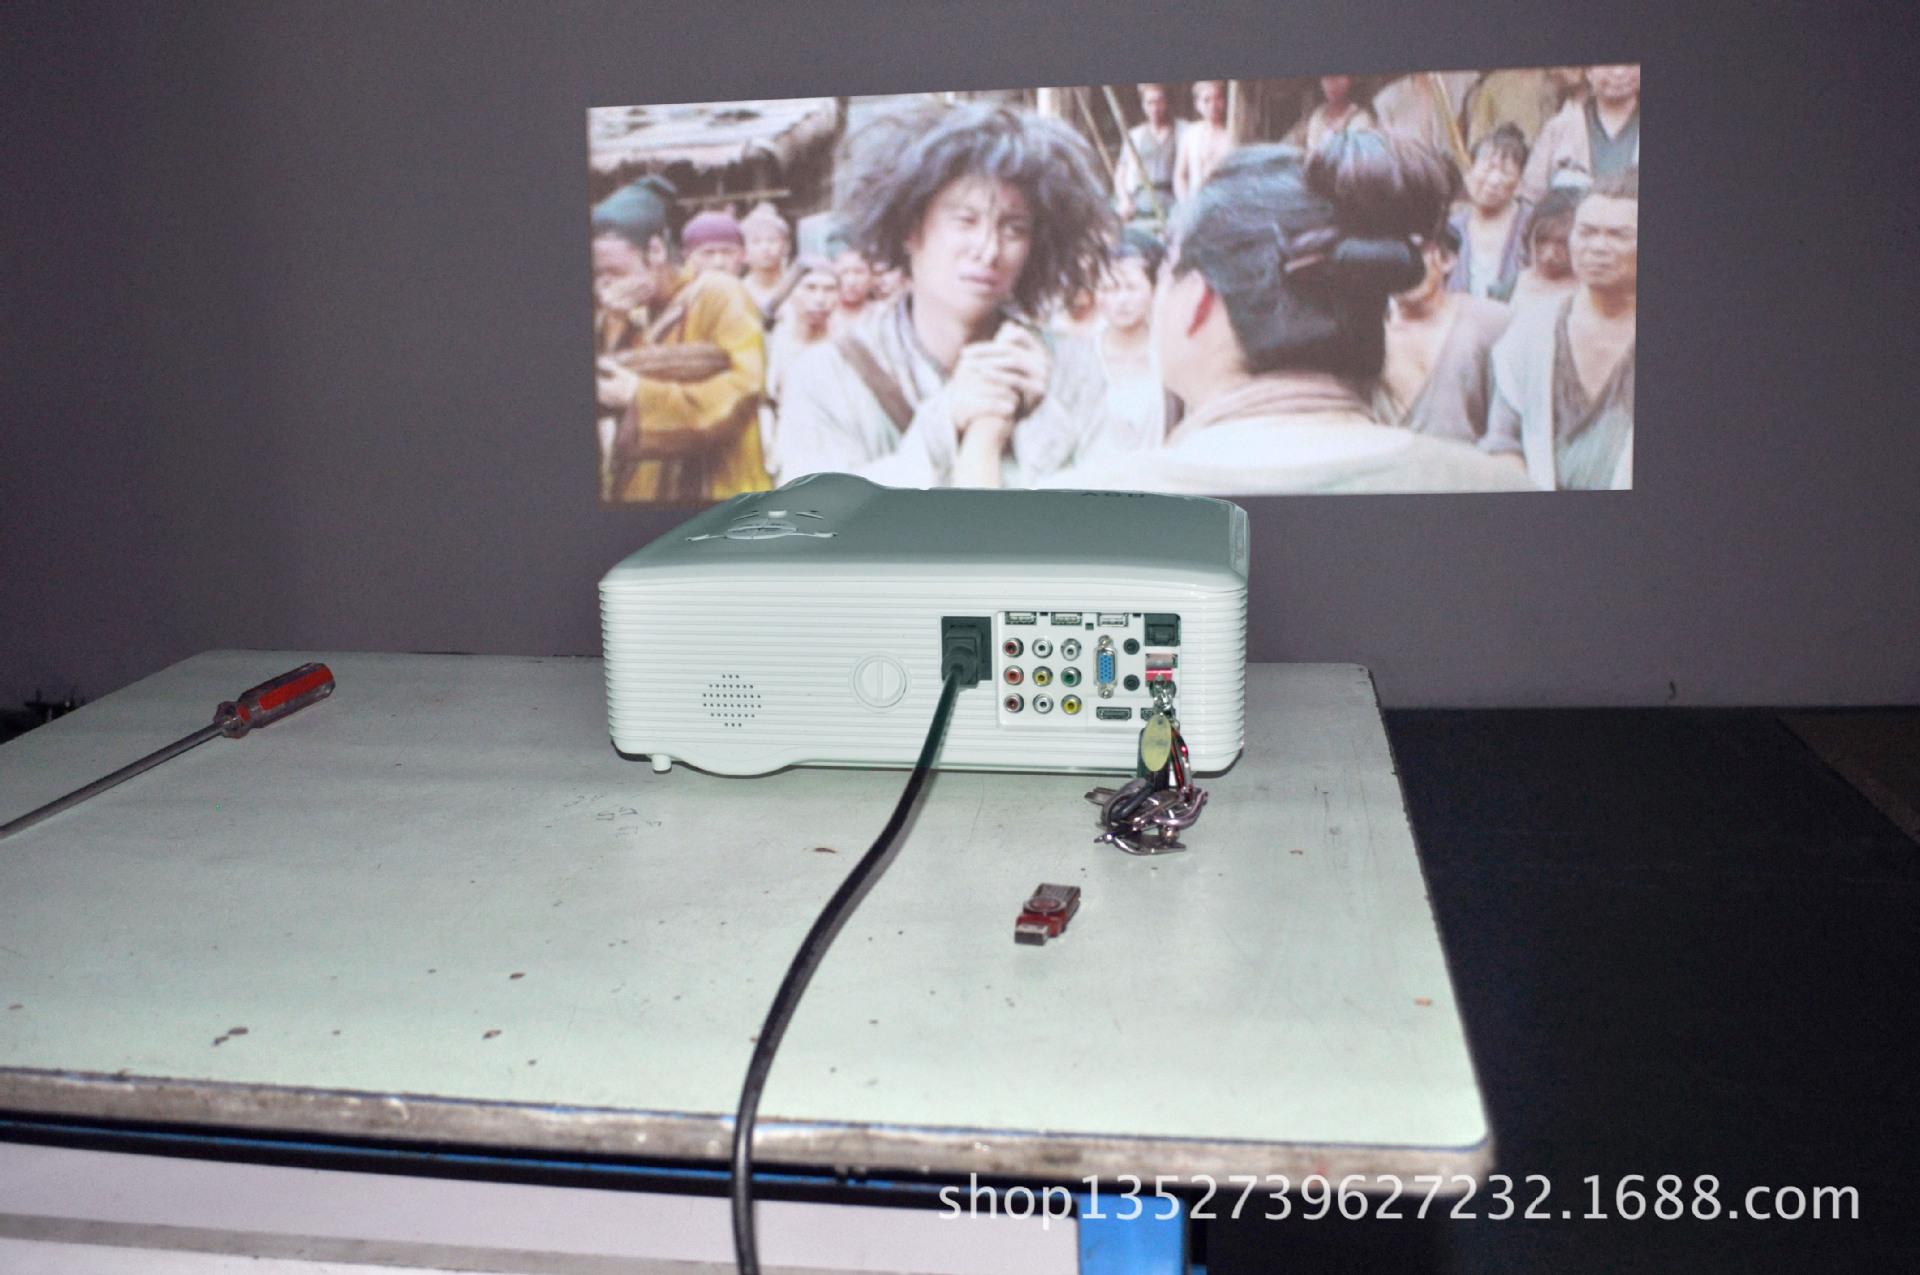 供应智能安卓高清投影机